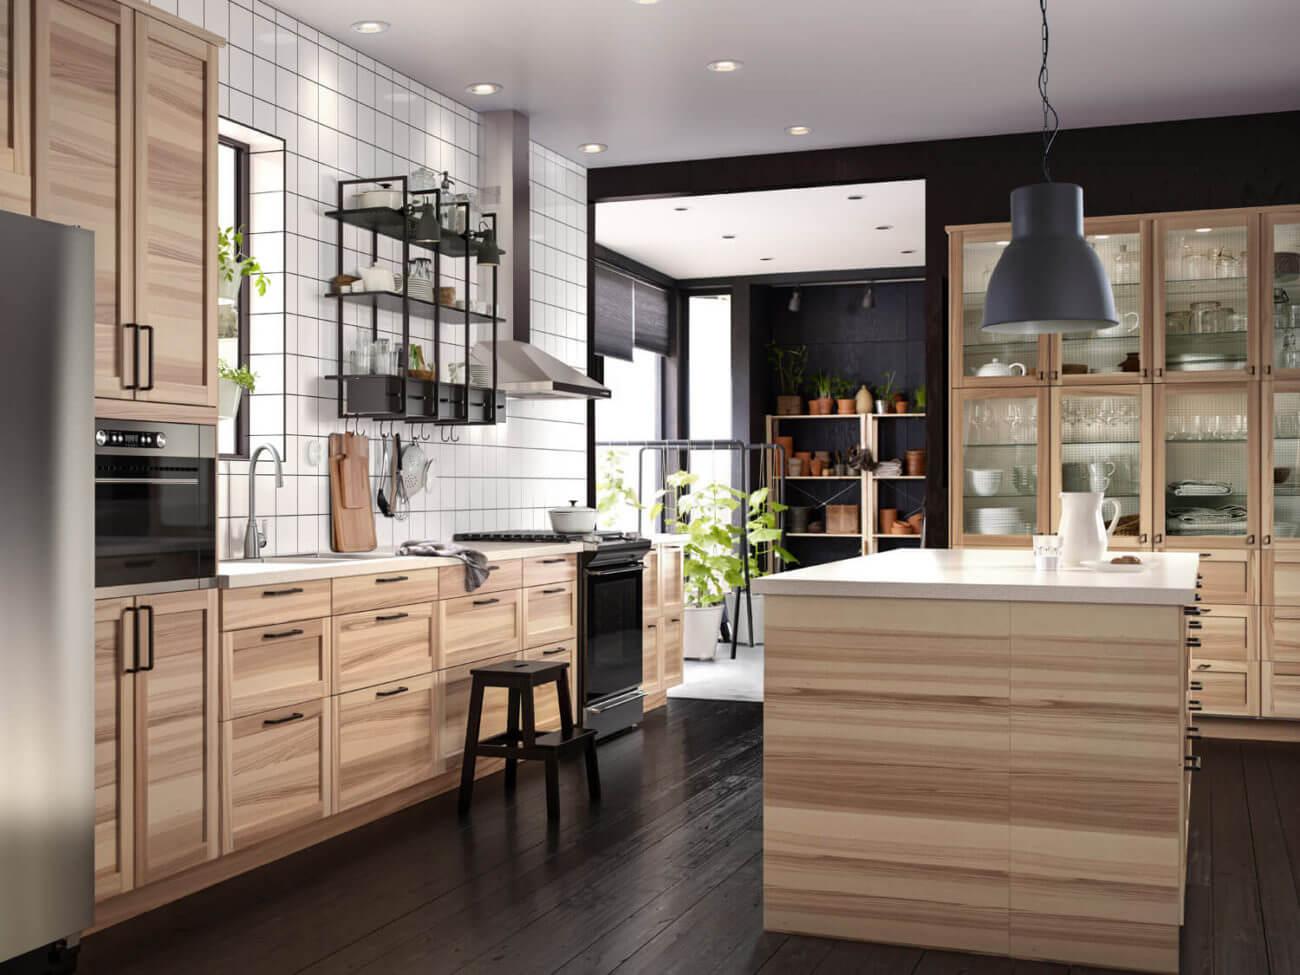 Landhausküchen aus Holz: Bilder & Ideen für rustikale Küchen im ...